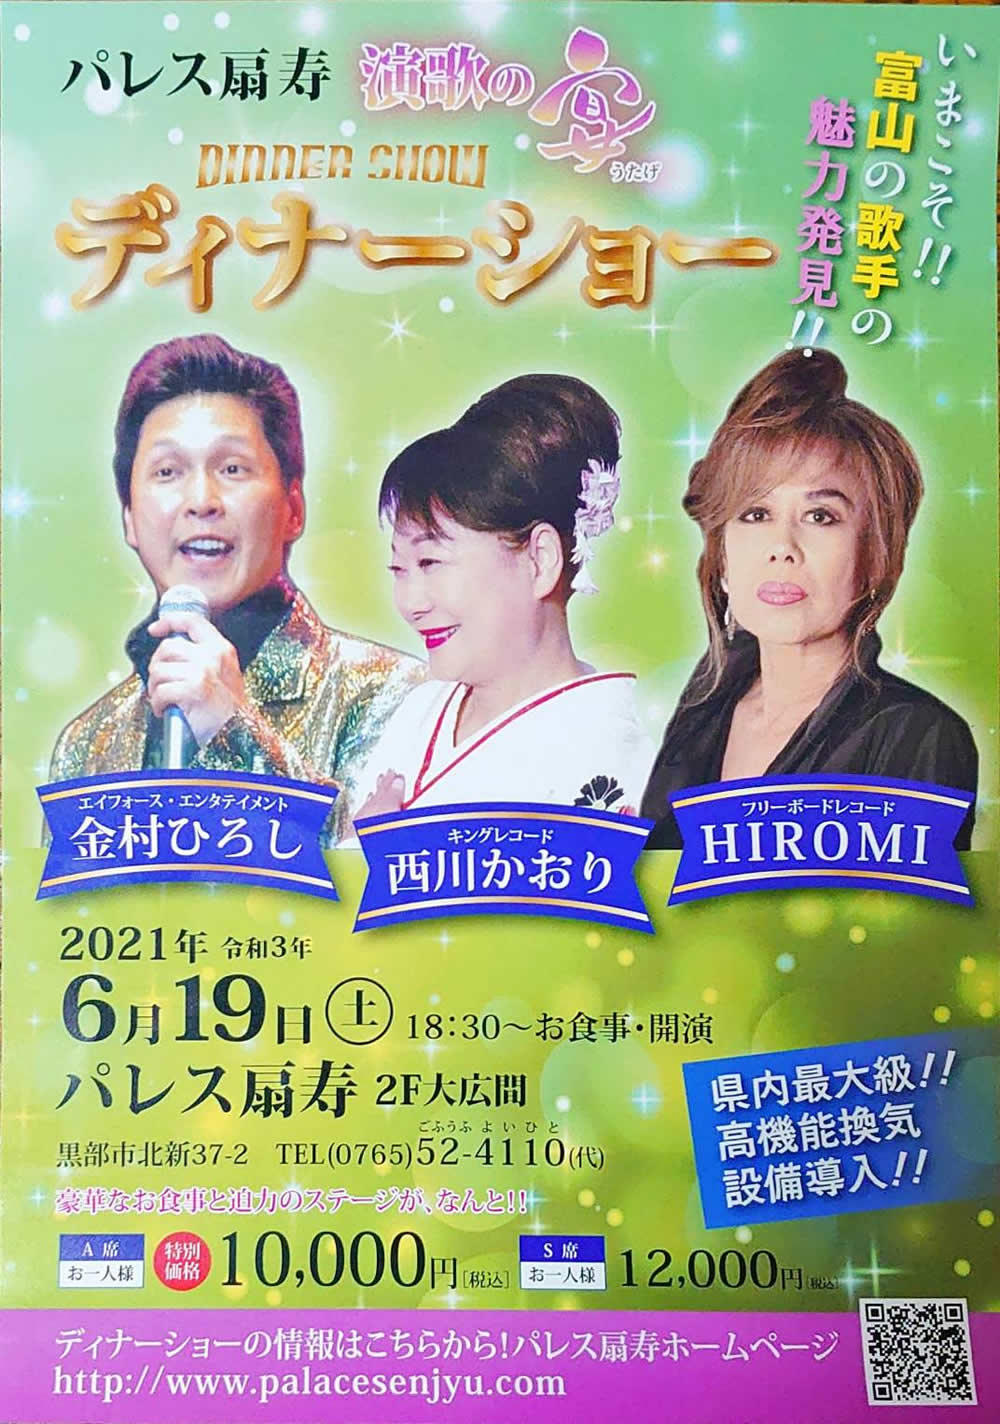 演歌の宴ディナーショー